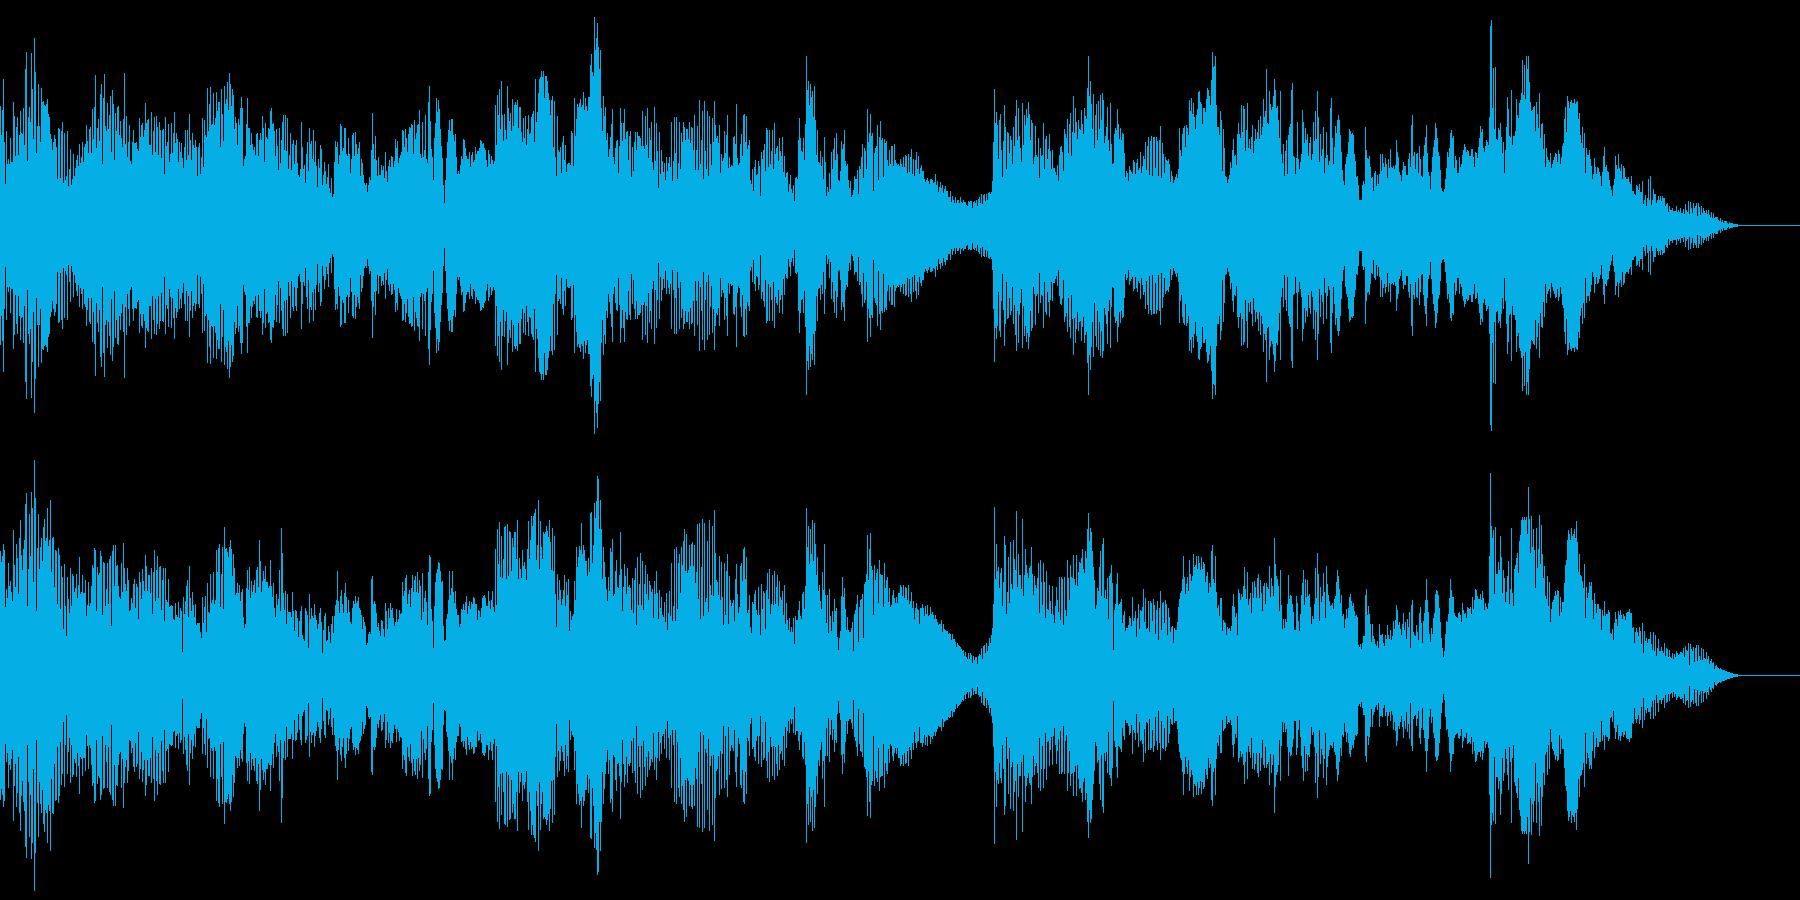 ファンタジーなBGMの再生済みの波形